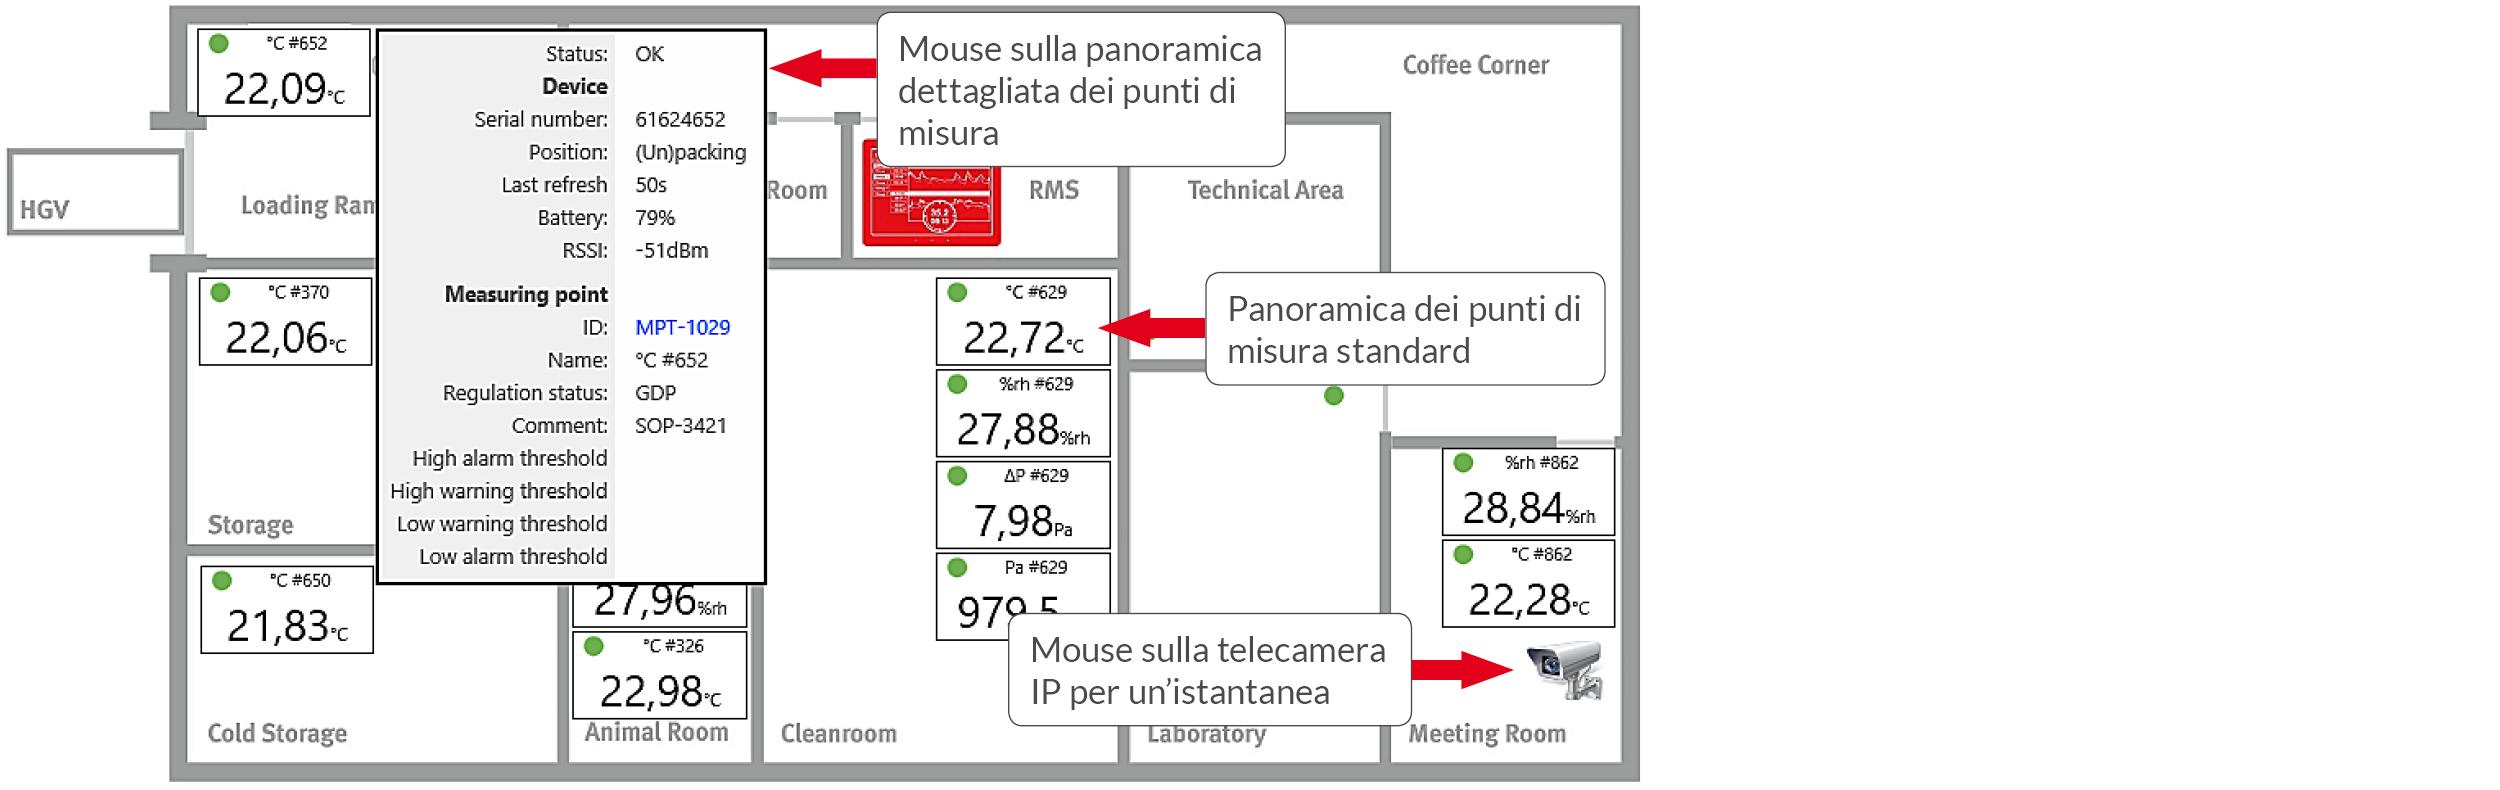 Monitoring System - Visualizzazione del layout